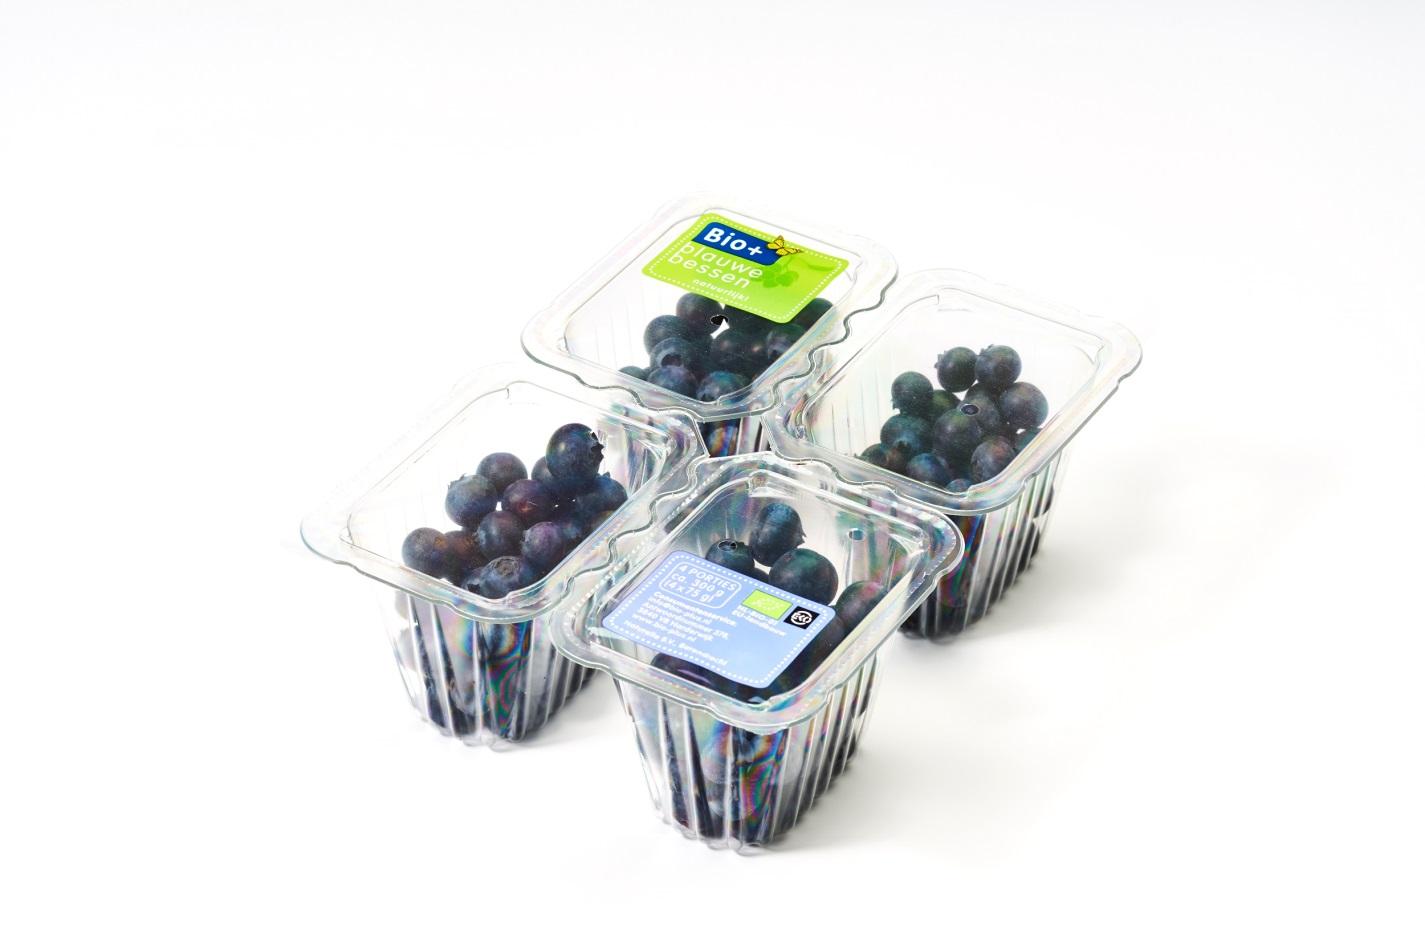 The Greenery en Naturelle maken gezond genieten makkelijk en introduceren nieuwe breekverpakking voor blauwe bessen